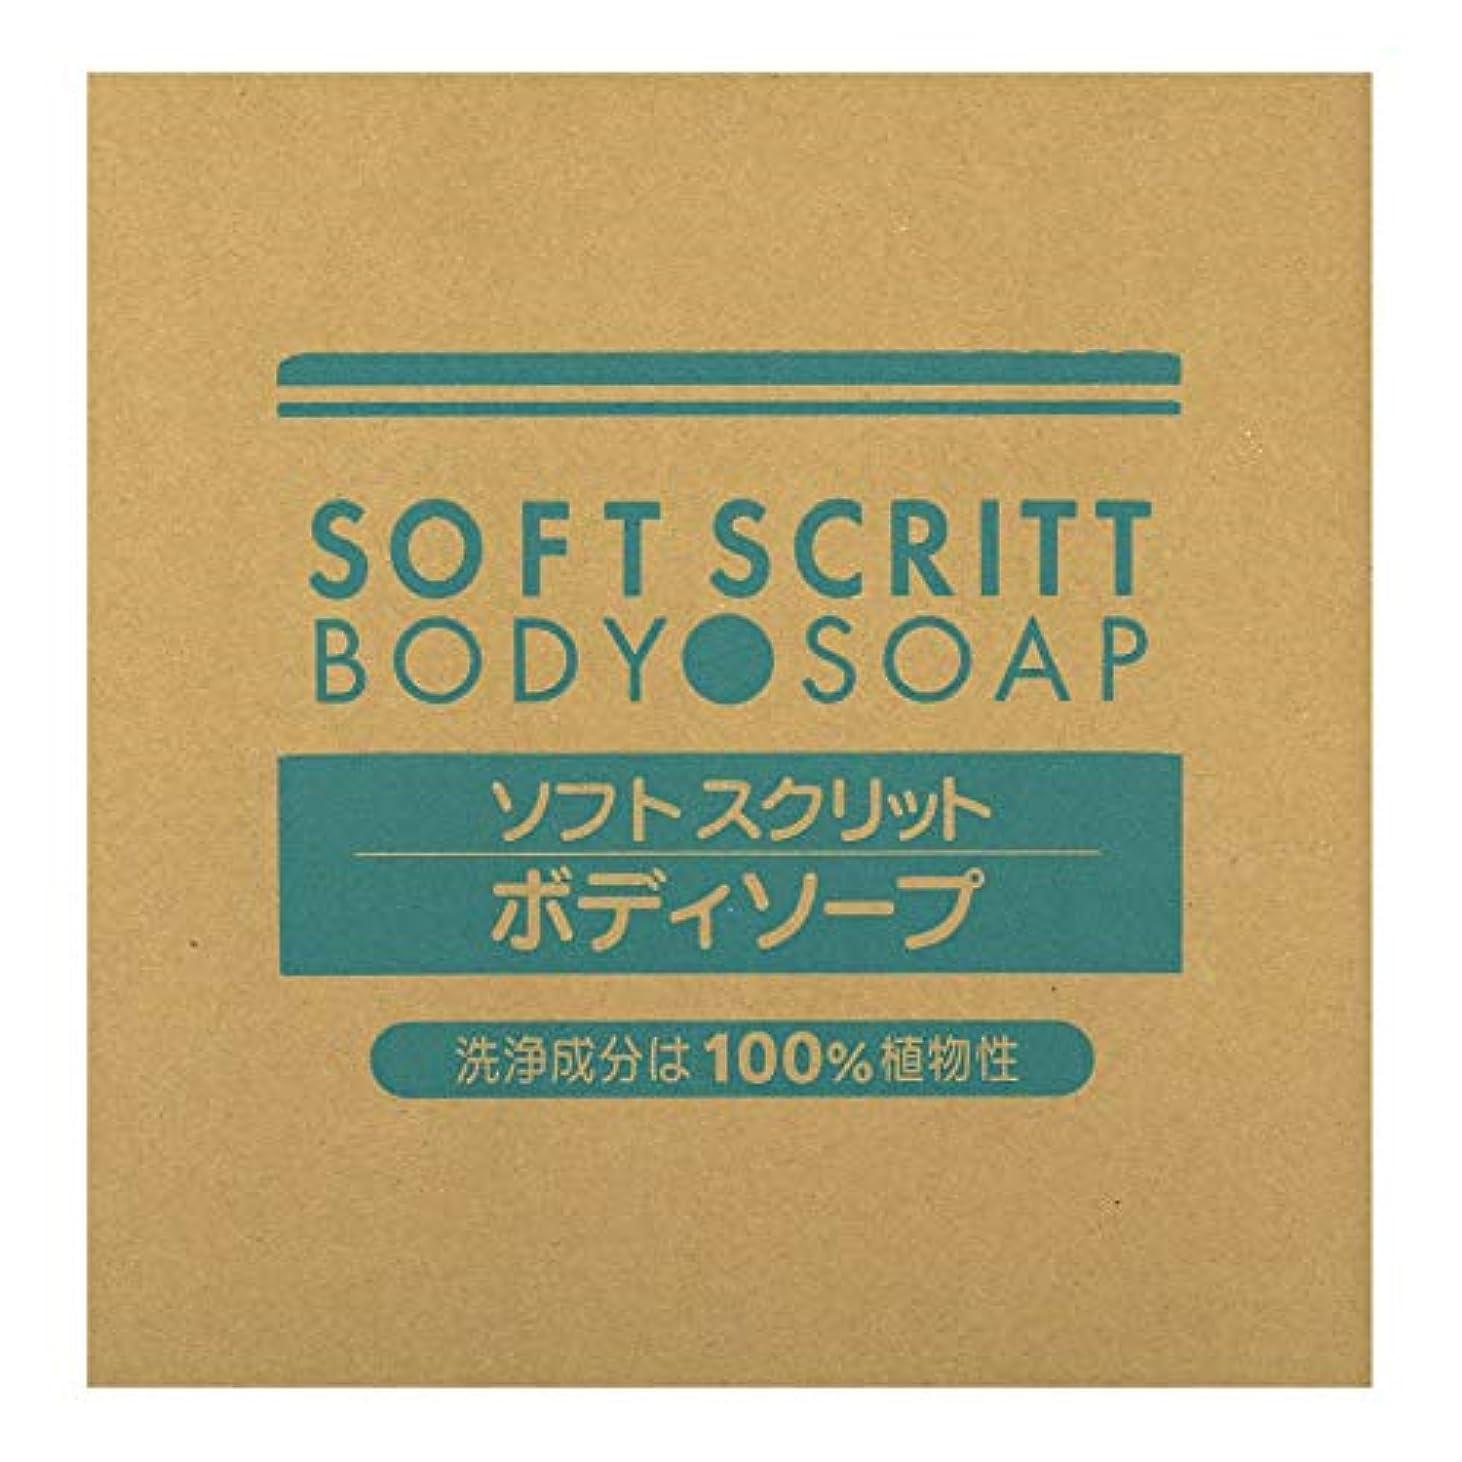 歩くうまれたメタン熊野油脂 業務用 SOFT SCRITT(ソフト スクリット) ボディソープ 18L